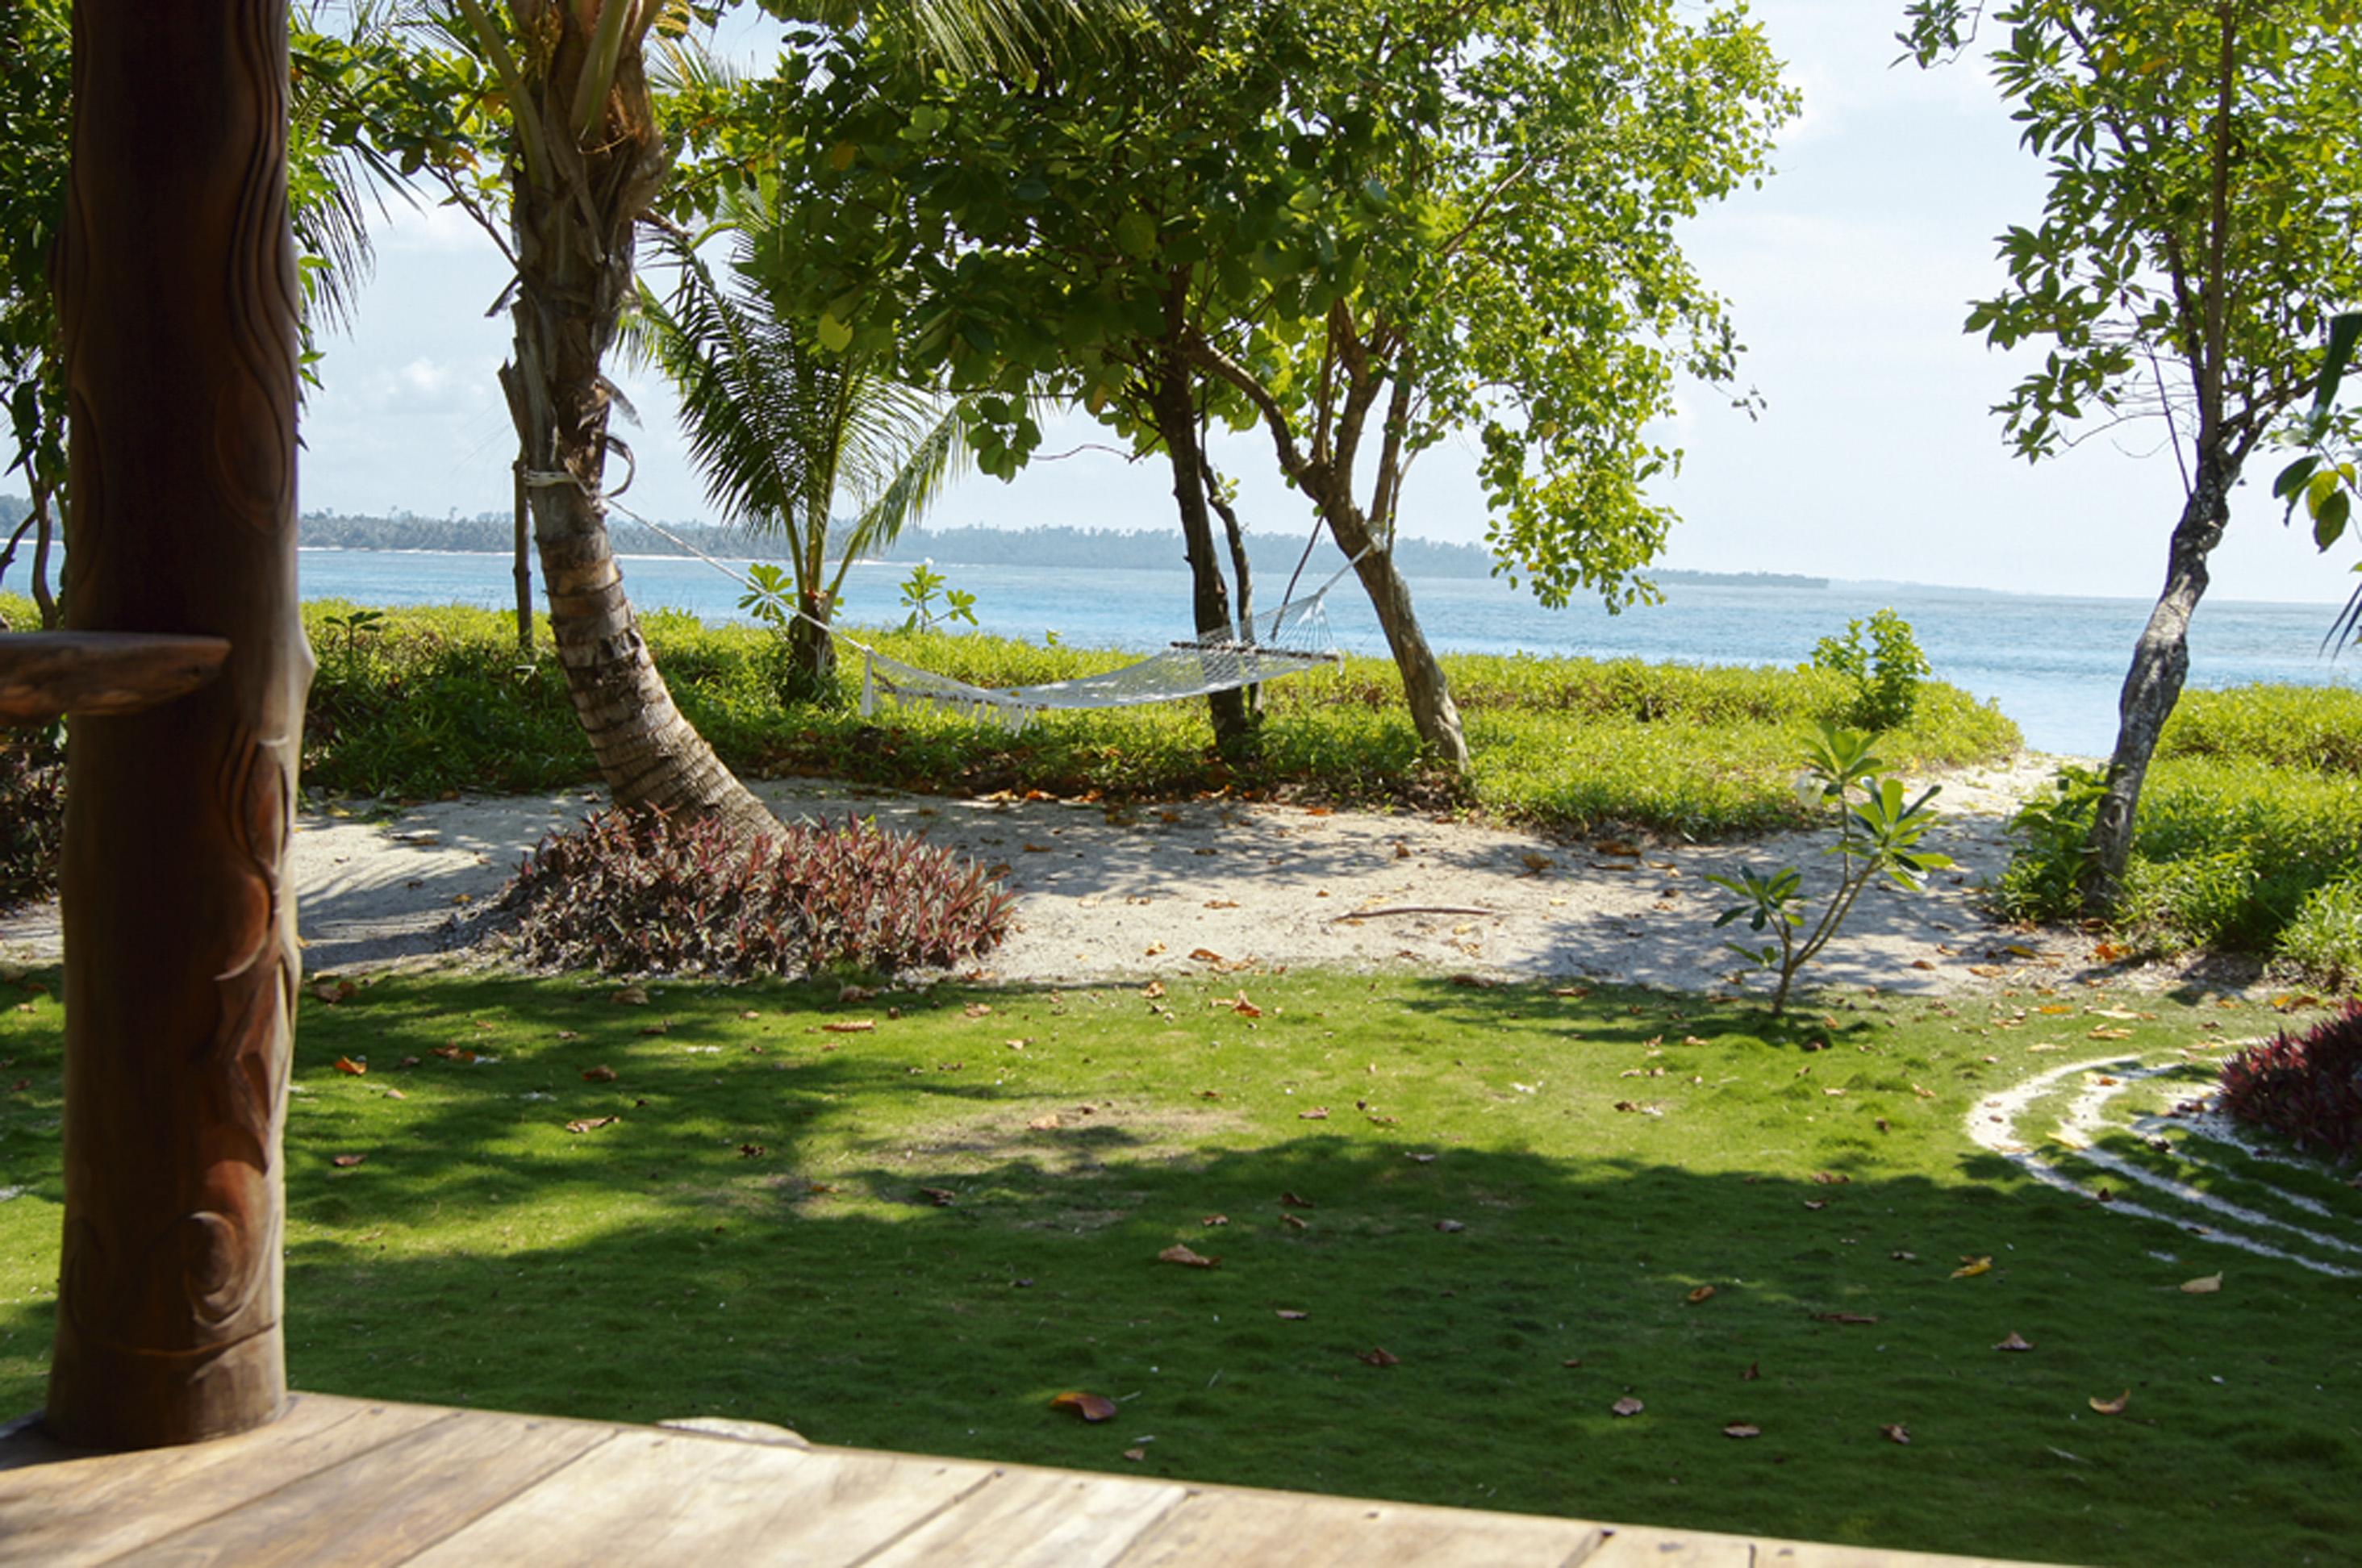 Mentawai, Sumatra, Indonésia - As praias do arquipélago Mentawai são paradisíacas e desertas. Ideais para quem quer se isolar do mundo e não ver ninguém